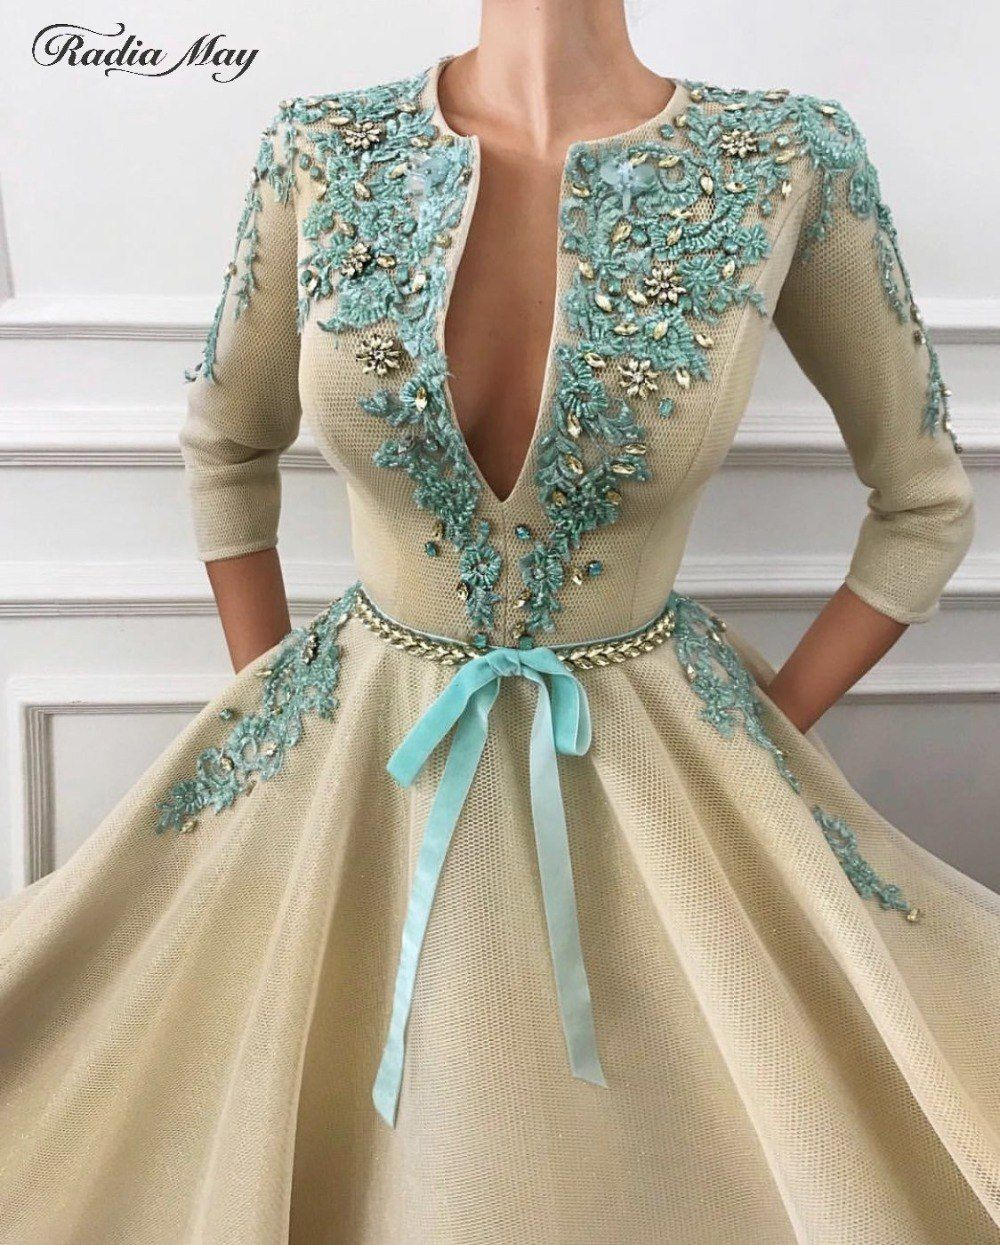 Semi formelles robes british paki@todorazor.com